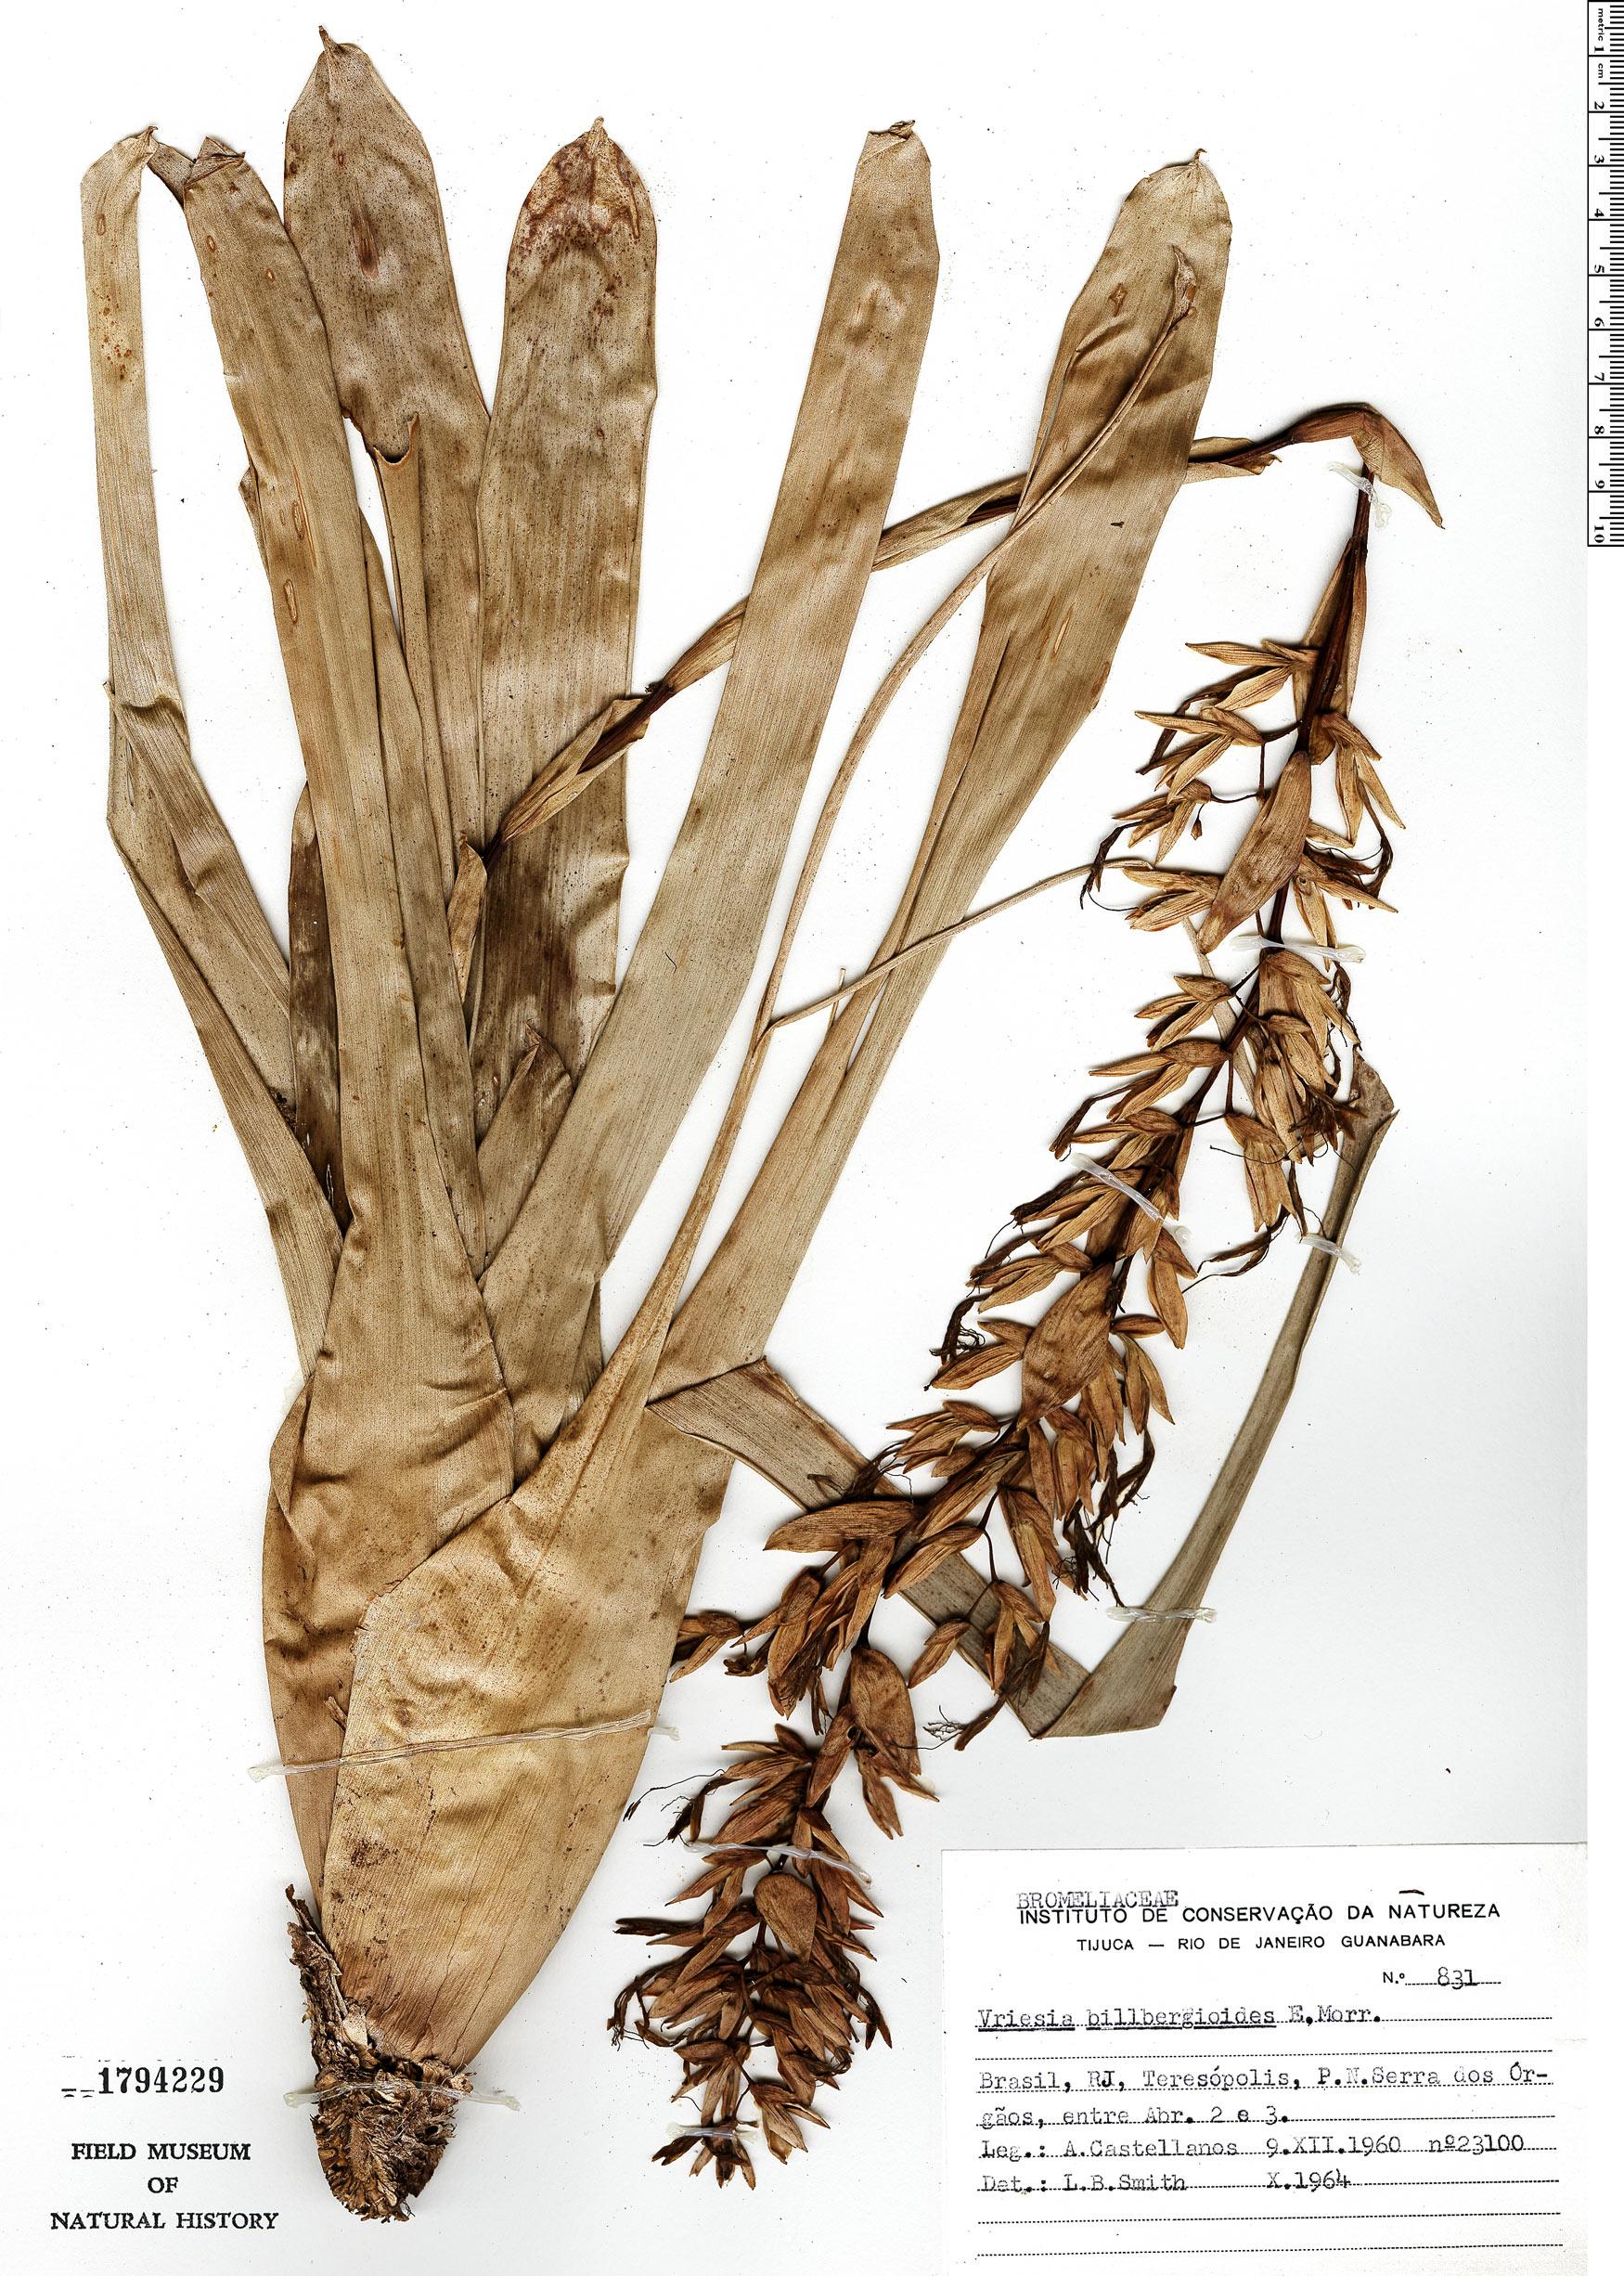 Specimen: Vriesea billbergioides